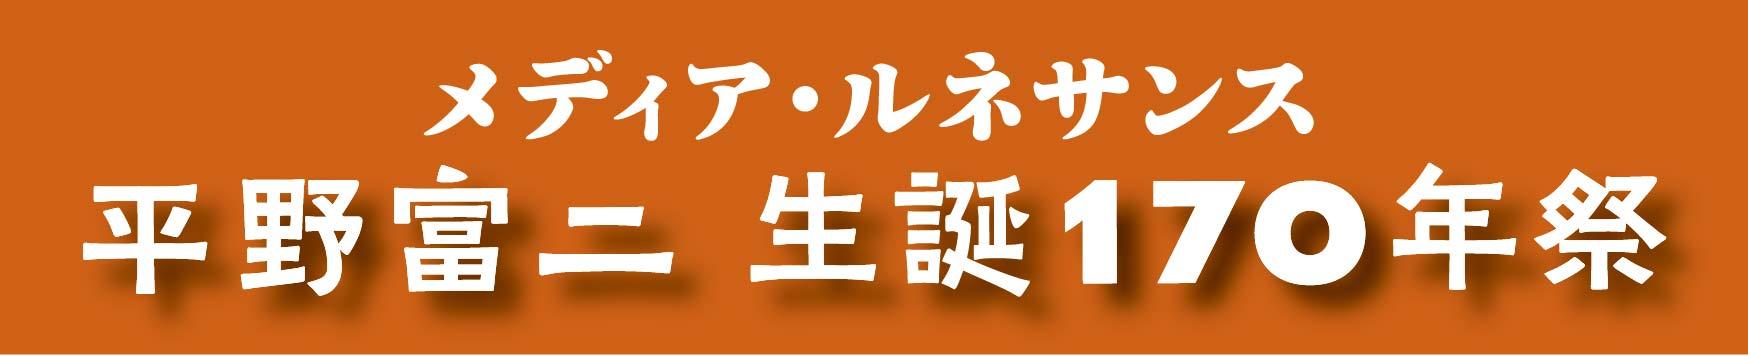 メディア・ルネサンス 平野富二生誕170年祭 | 花筏